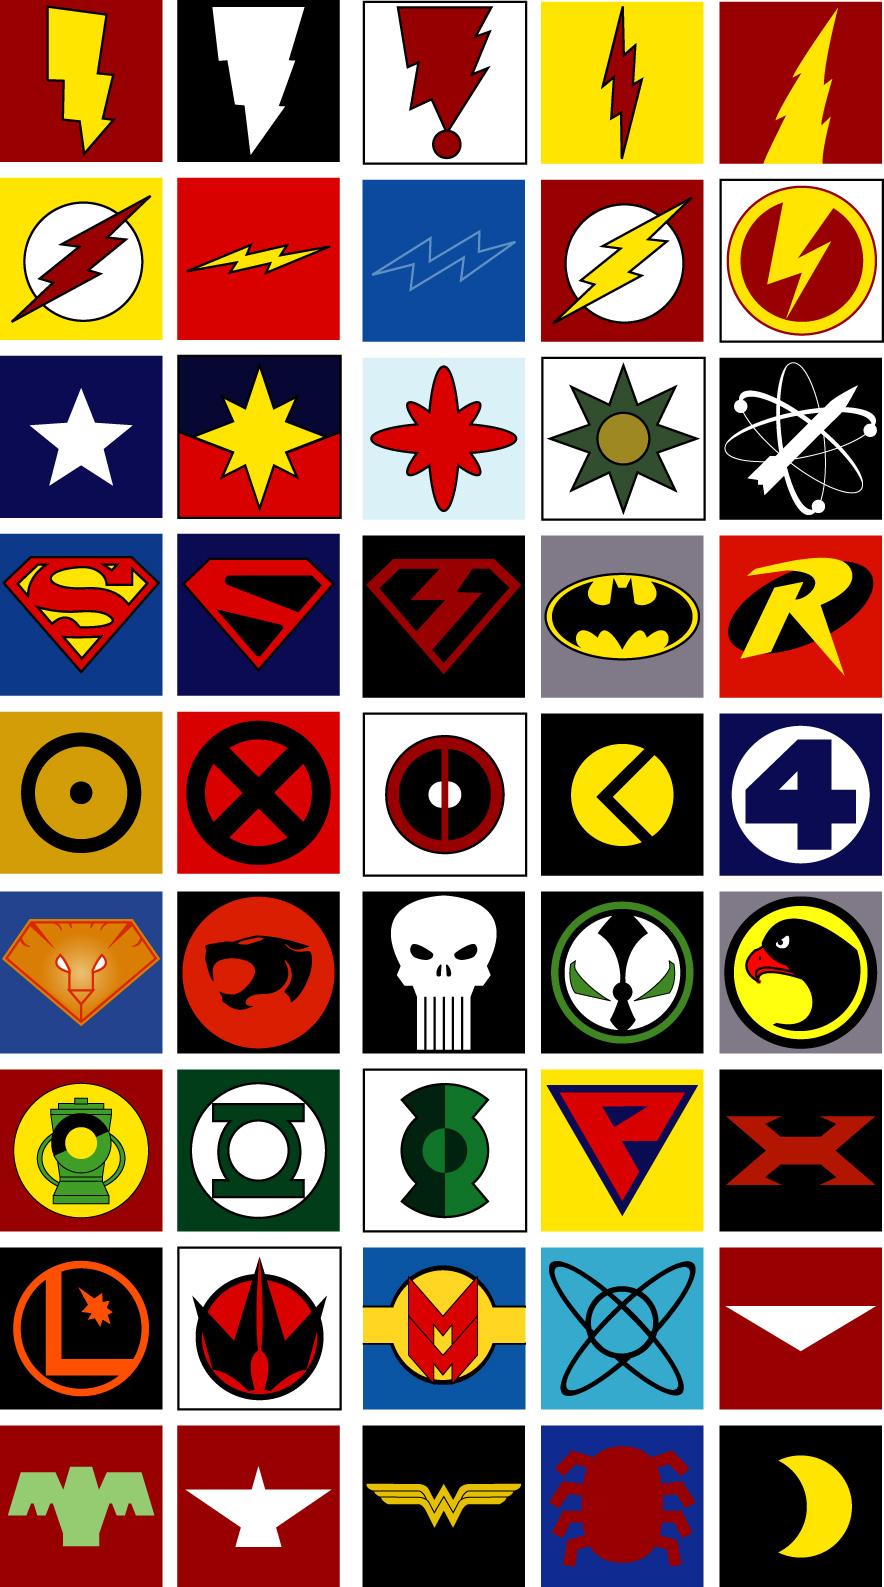 LOGOS SUPERHEROES - LoboSolitario.com